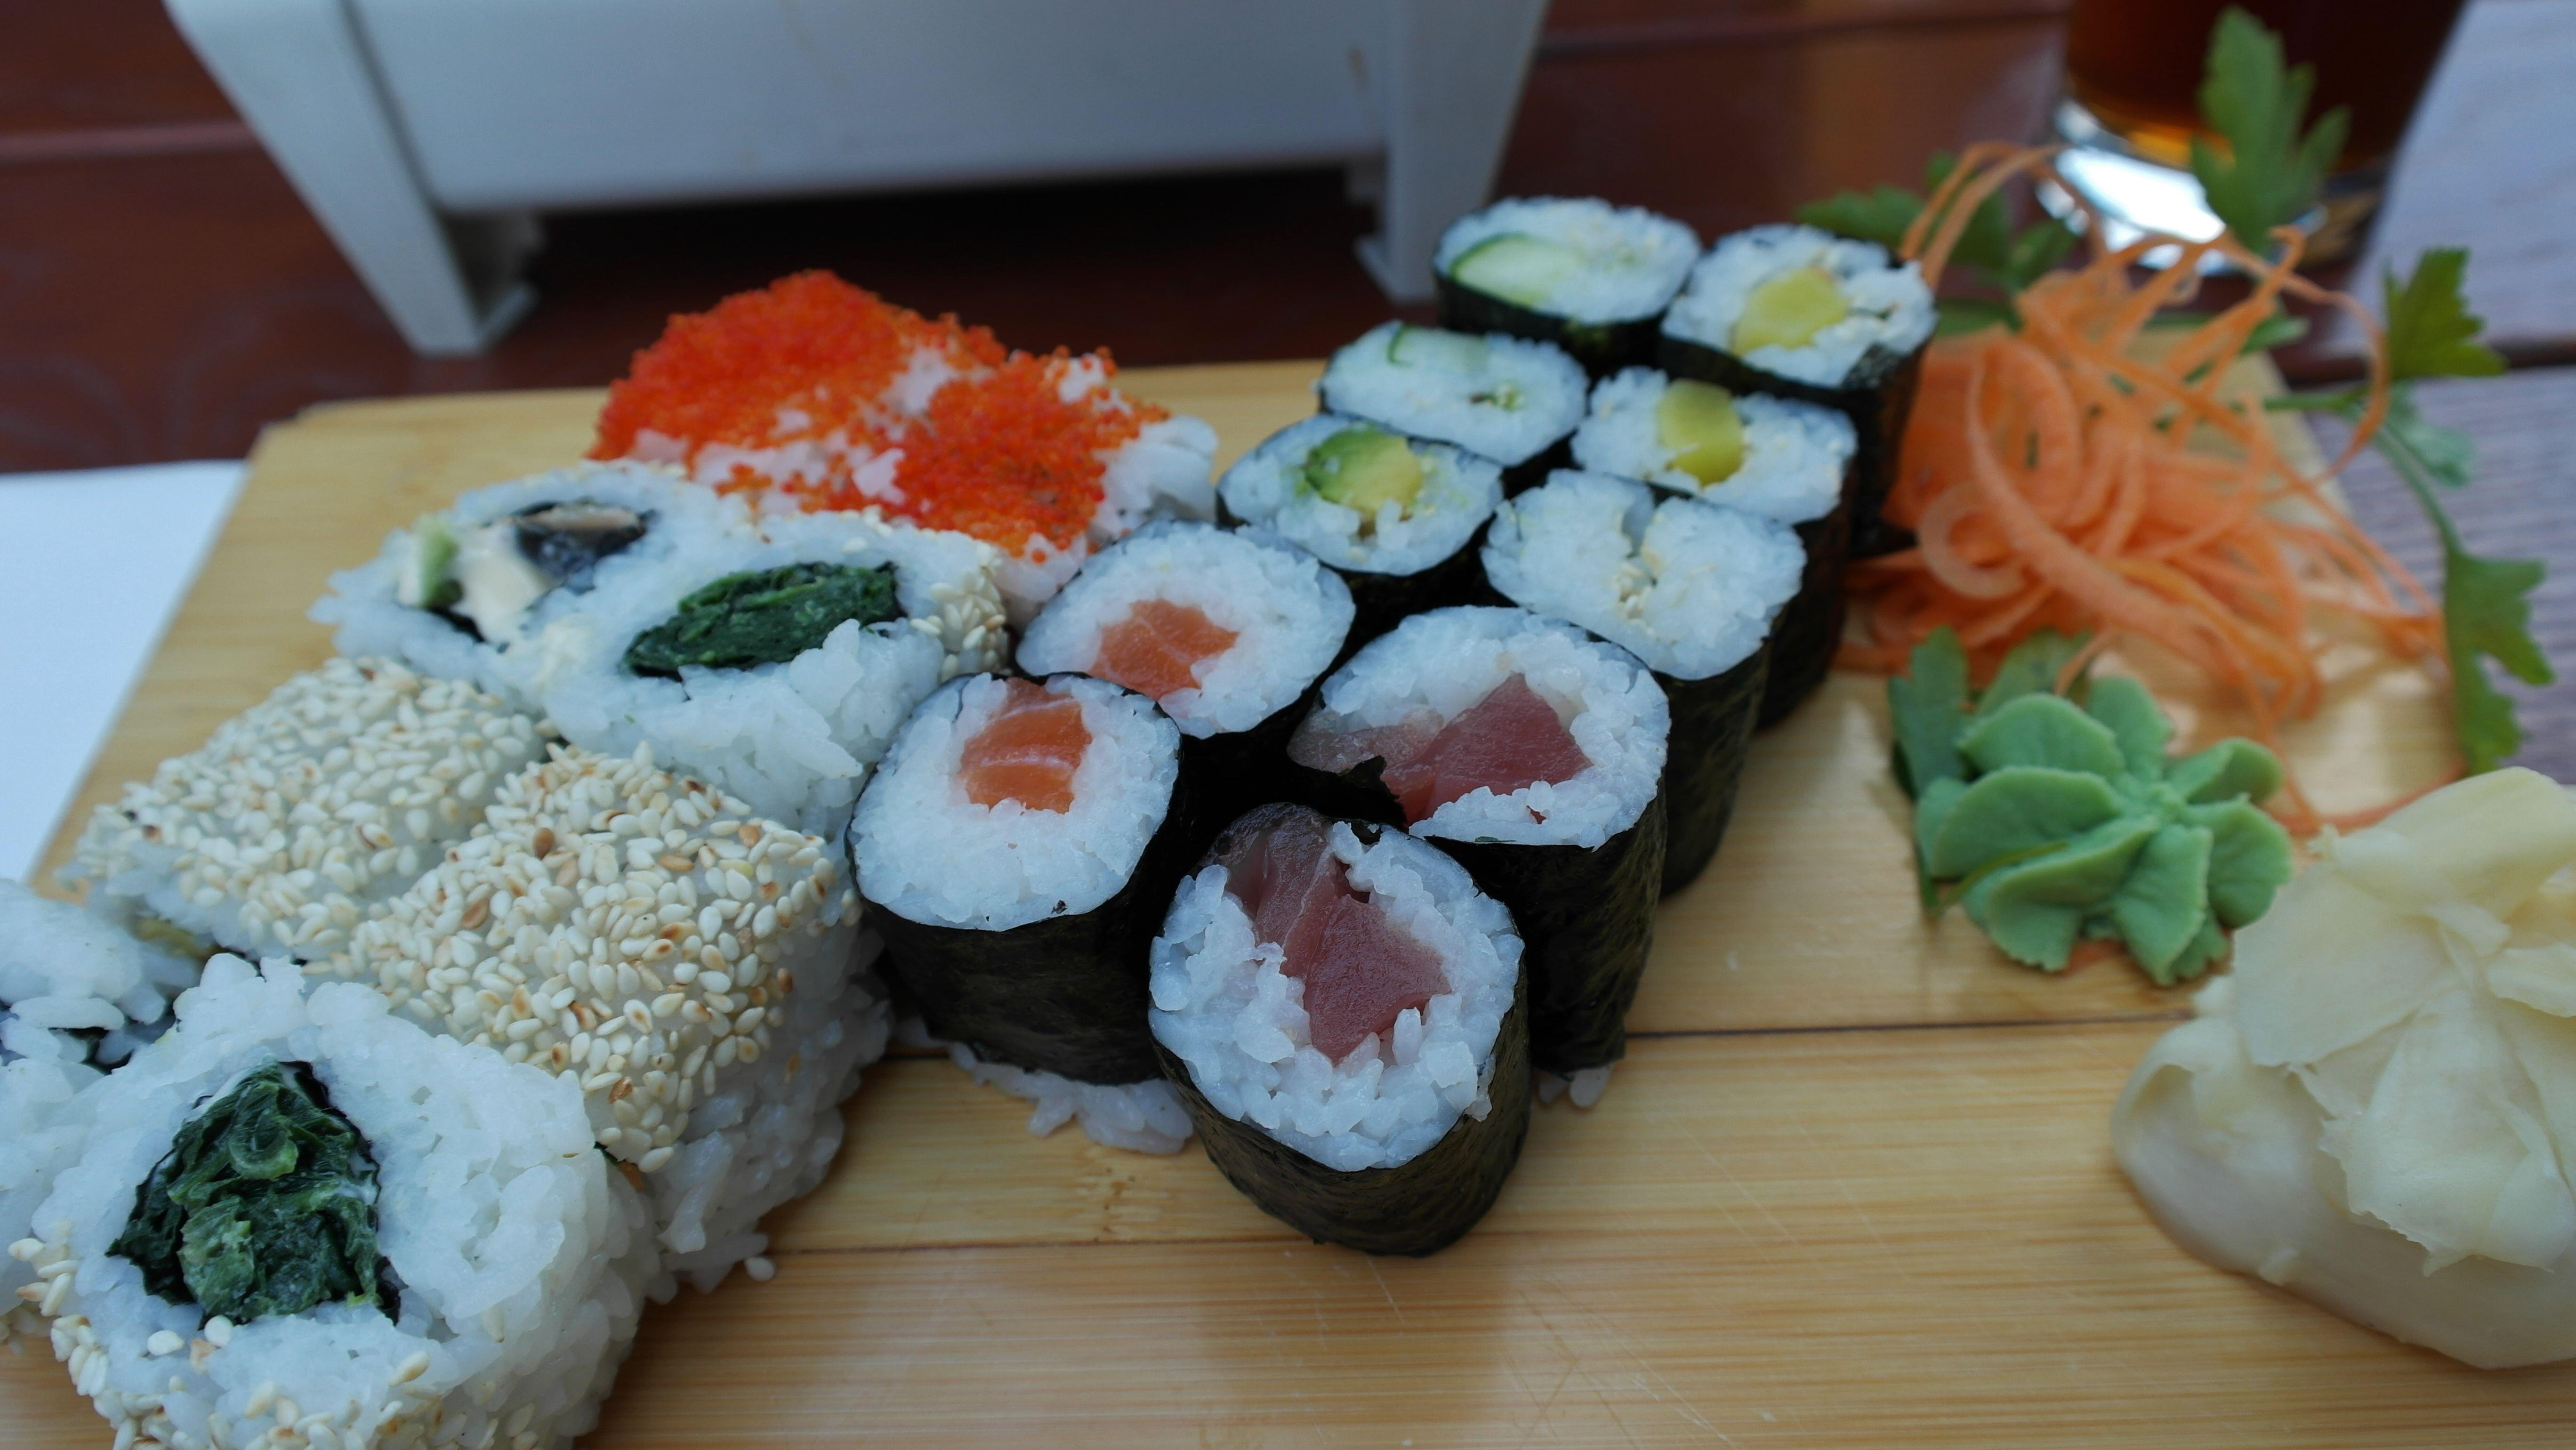 Kostenlose foto : Weiß, Blume, Gericht, Mahlzeit, Lebensmittel, rot ...